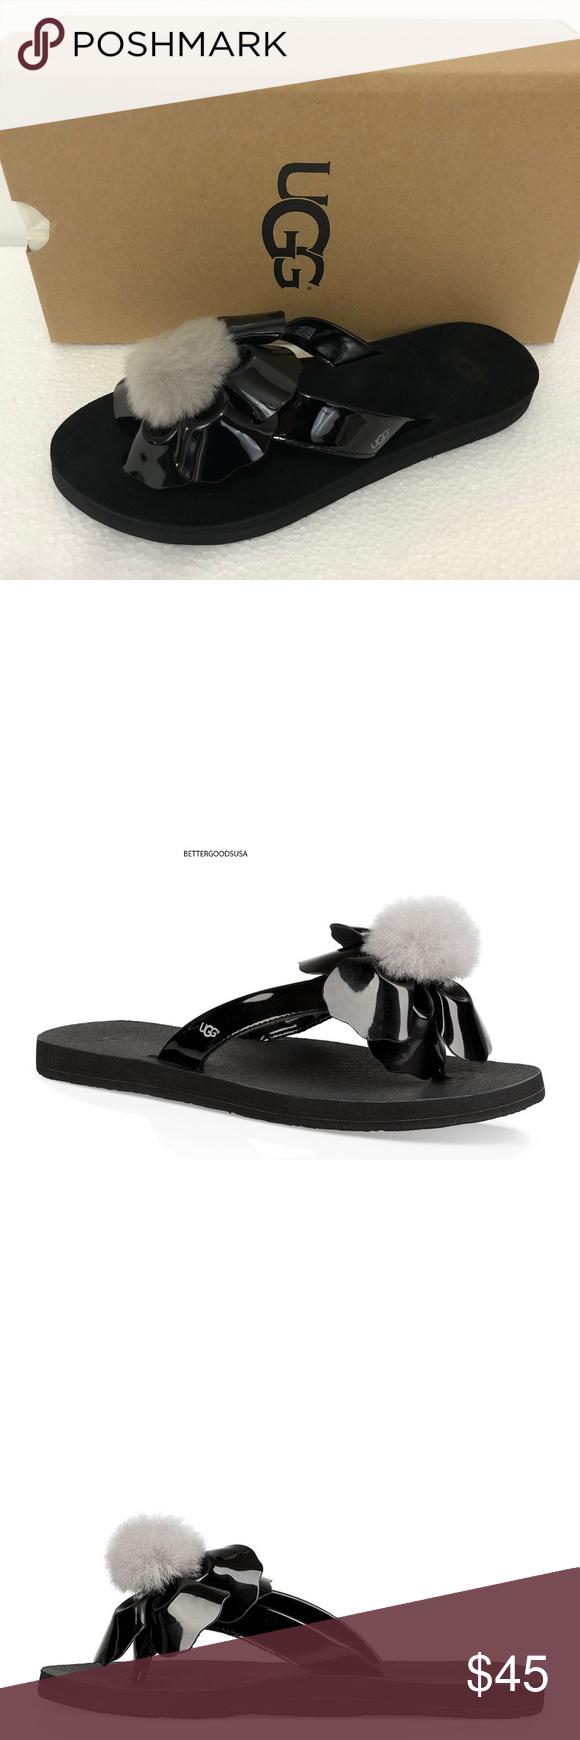 c2508df7f22 UGG Pom Pom Thong Sandals Flip Flop Black 8 M BRAND: UGG AUSTRALIA ...